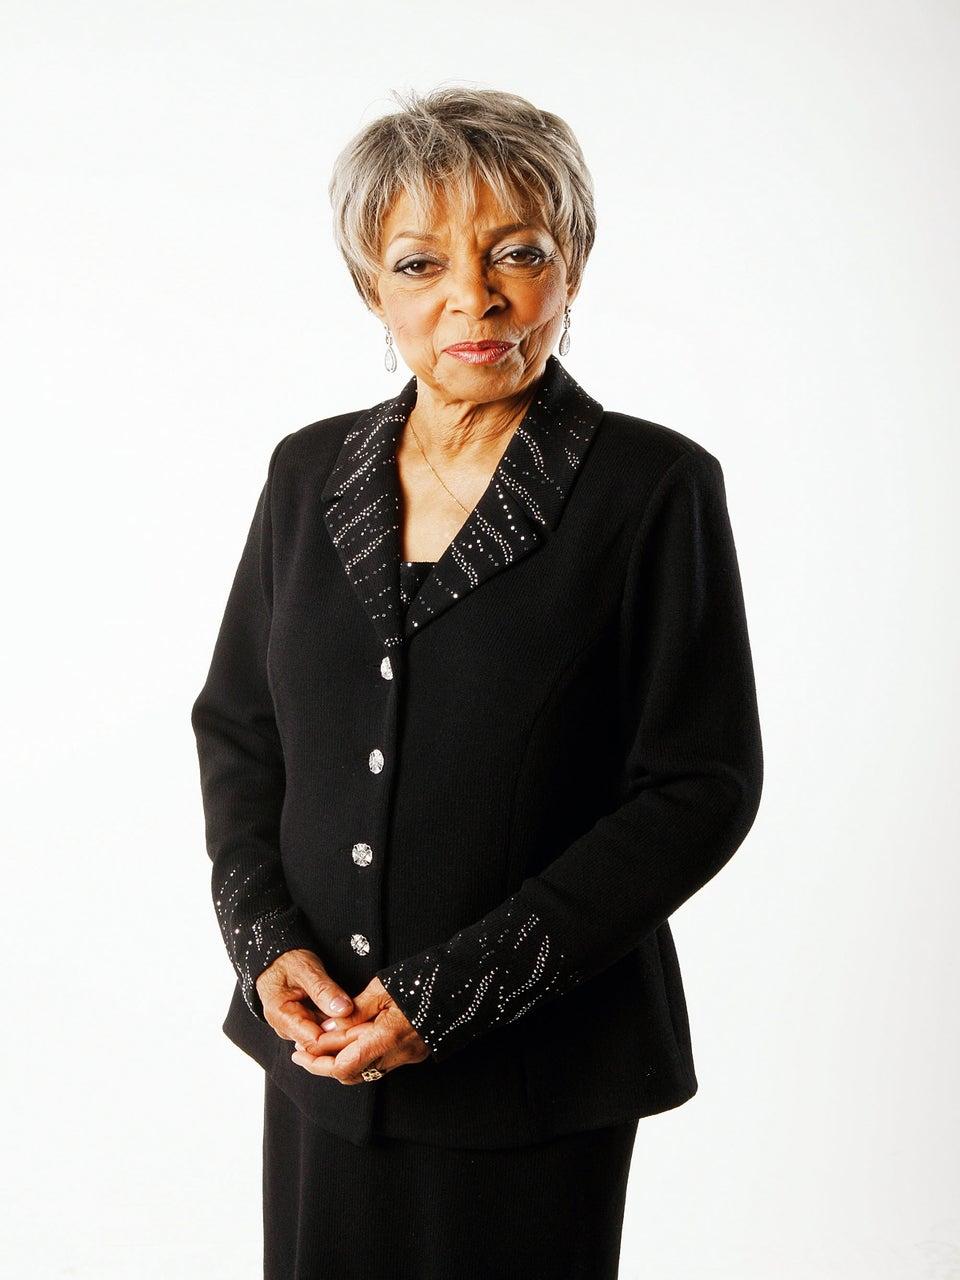 Heart Stuff: Susan L. Taylor Talks Love with Ruby Dee